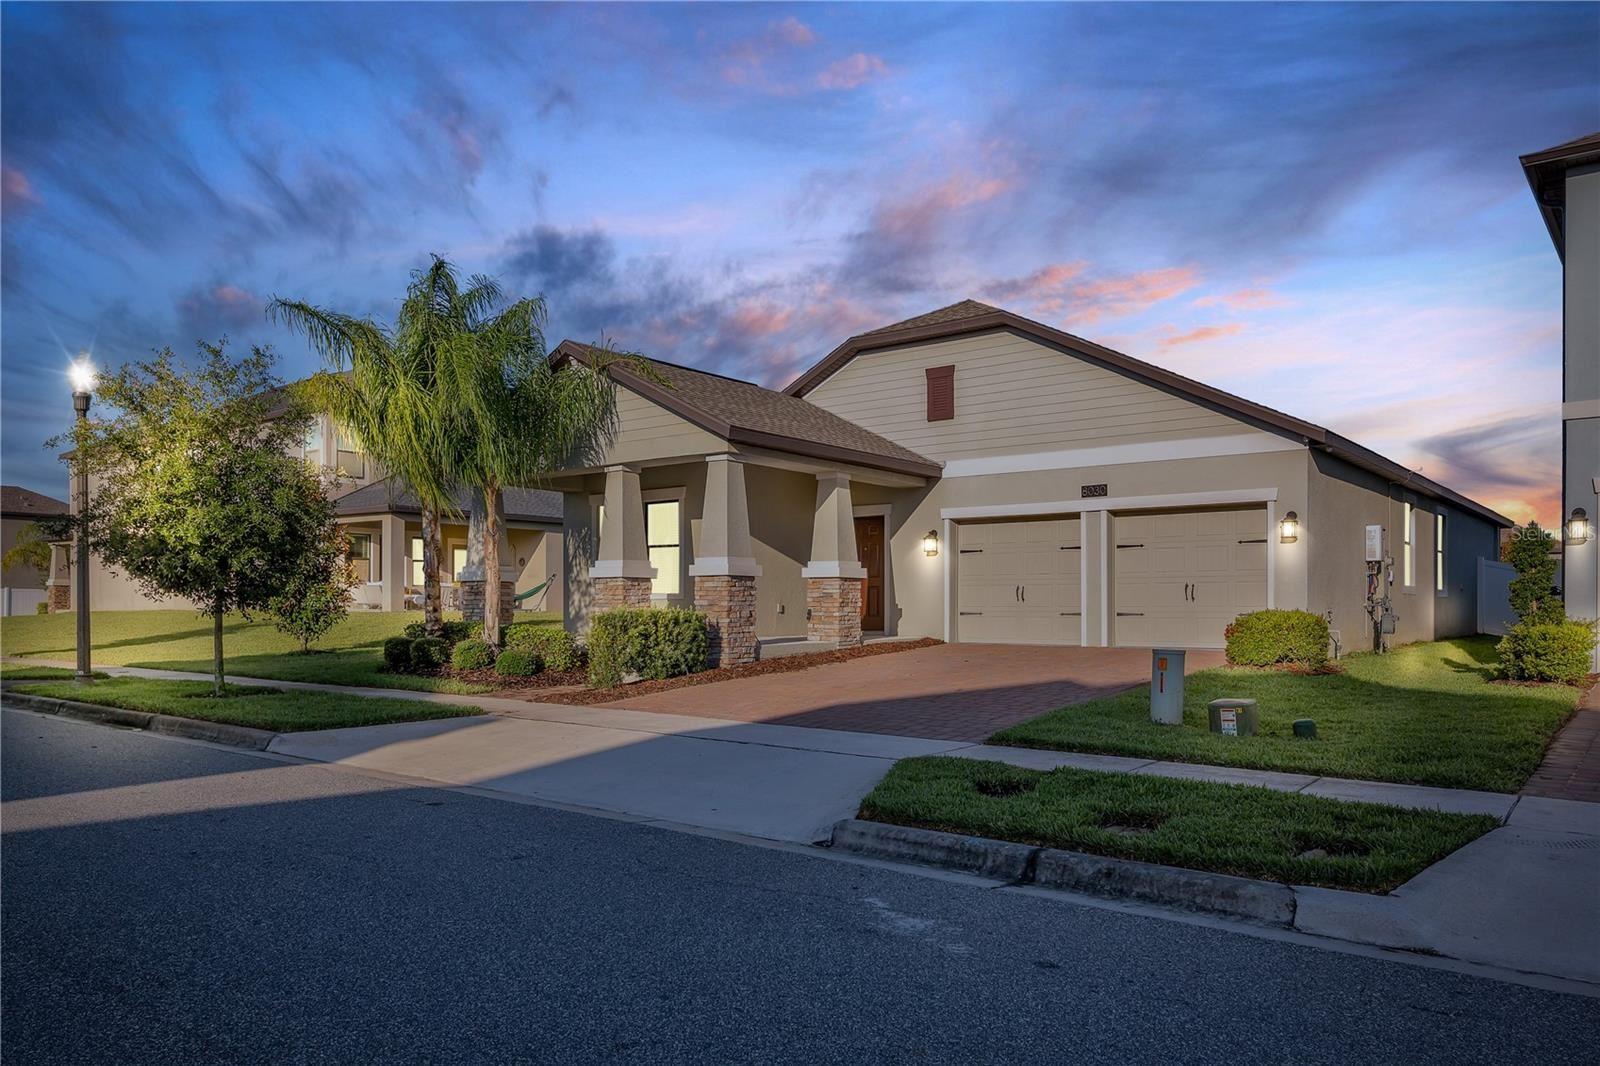 8030 JOHN HANCOCK DRIVE, Winter Garden, FL 34787 - #: O5950849